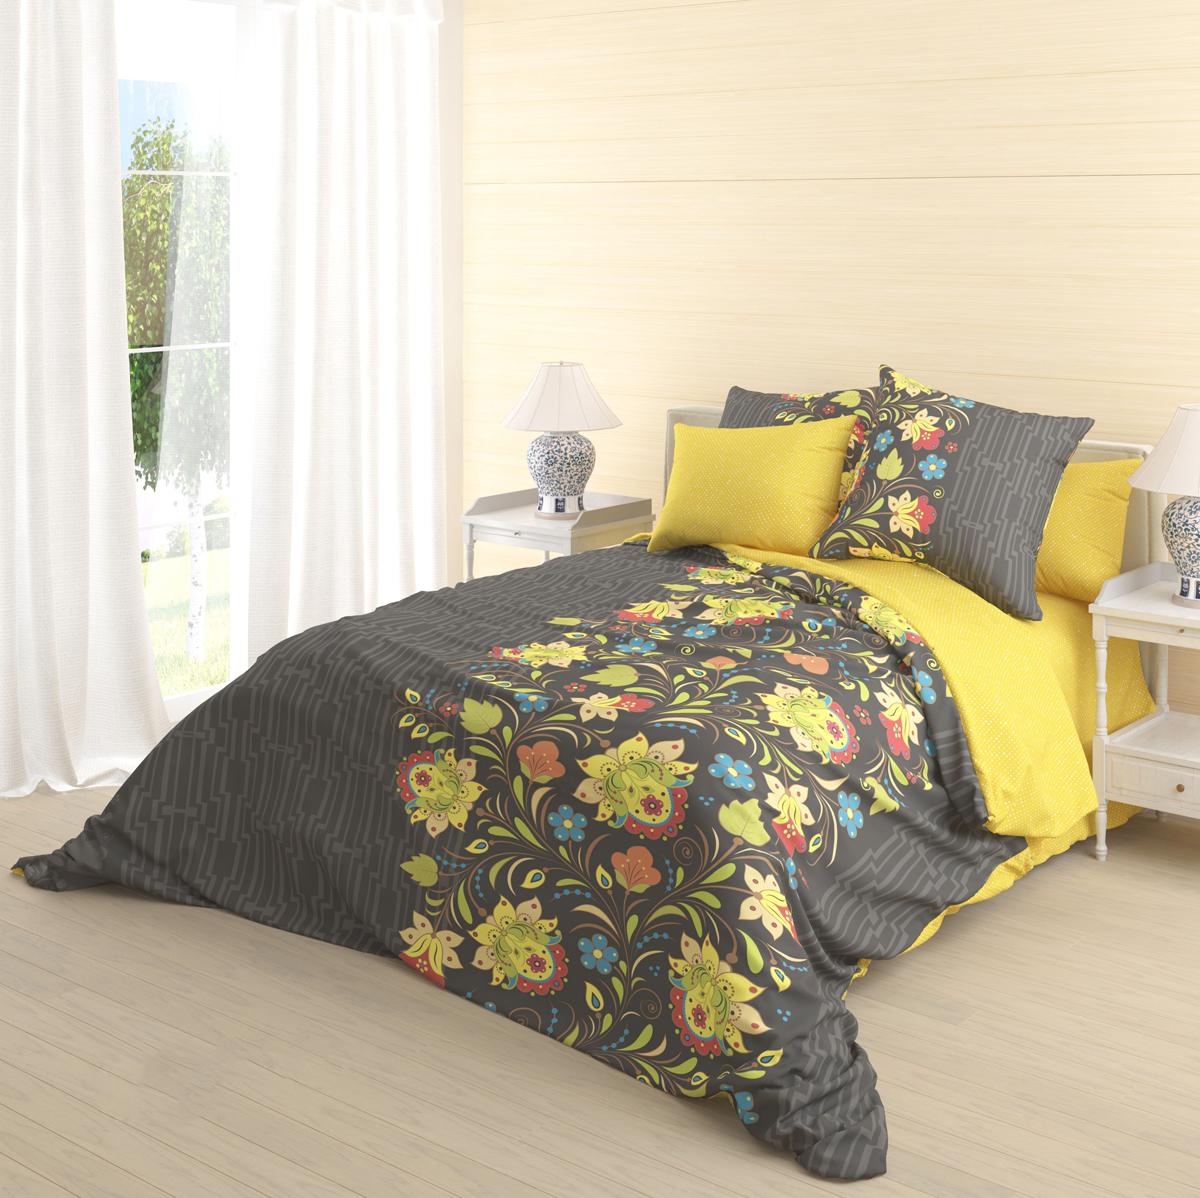 """Роскошный комплект постельного белья Волшебная ночь """"Veles"""" выполнен из натурального ранфорса (100% хлопка) и оформлен оригинальным рисунком. Комплект состоит из пододеяльника, простыни и двух наволочек.  Ранфорс - это новая современная гипоаллергенная ткань из натуральных хлопковых волокон, которая прекрасно впитывает влагу, очень проста в уходе, а за счет высокой прочности способна выдерживать большое количество стирок. Высочайшее качество материала гарантирует безопасность."""